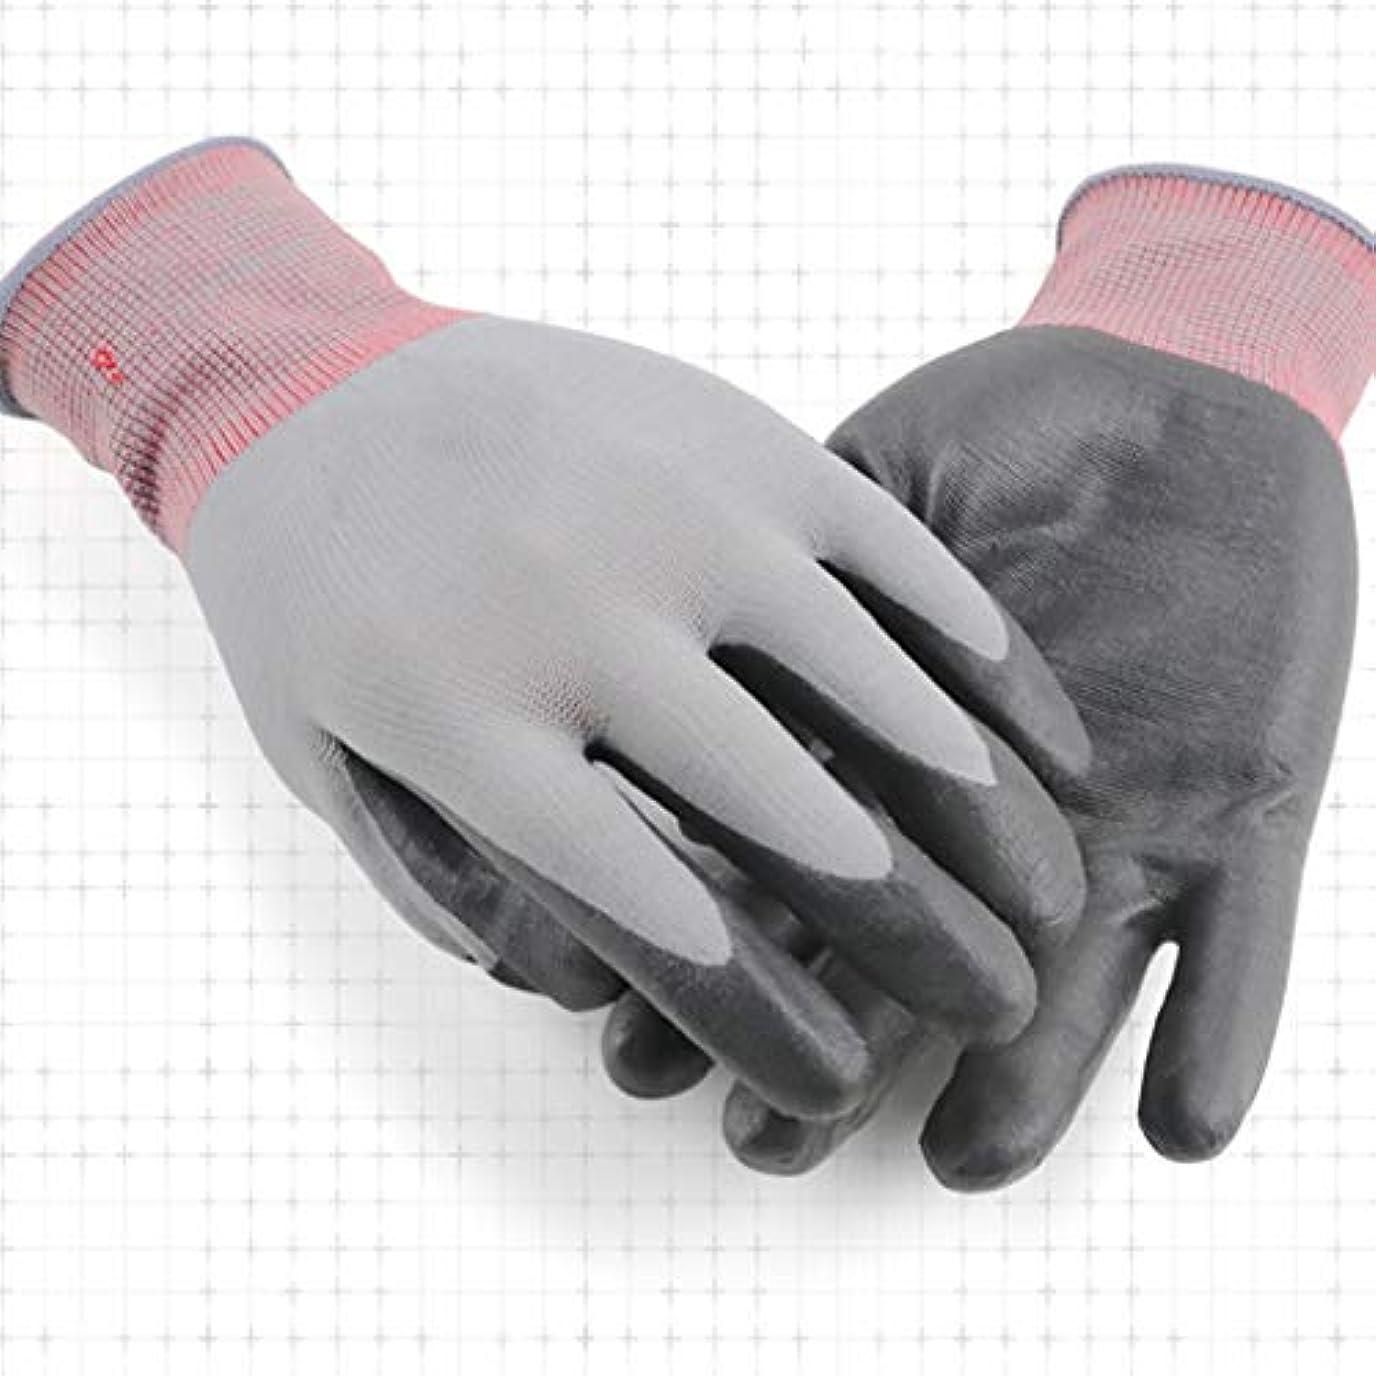 ほのめかすメダル生きるLIUXIN 労働保護手袋、突き刺さり防止の園芸用手袋、防水および抗強度、耐摩耗性および通気性、植付用保護手袋、マルチサイズオプション ゴム手袋 (Size : L)